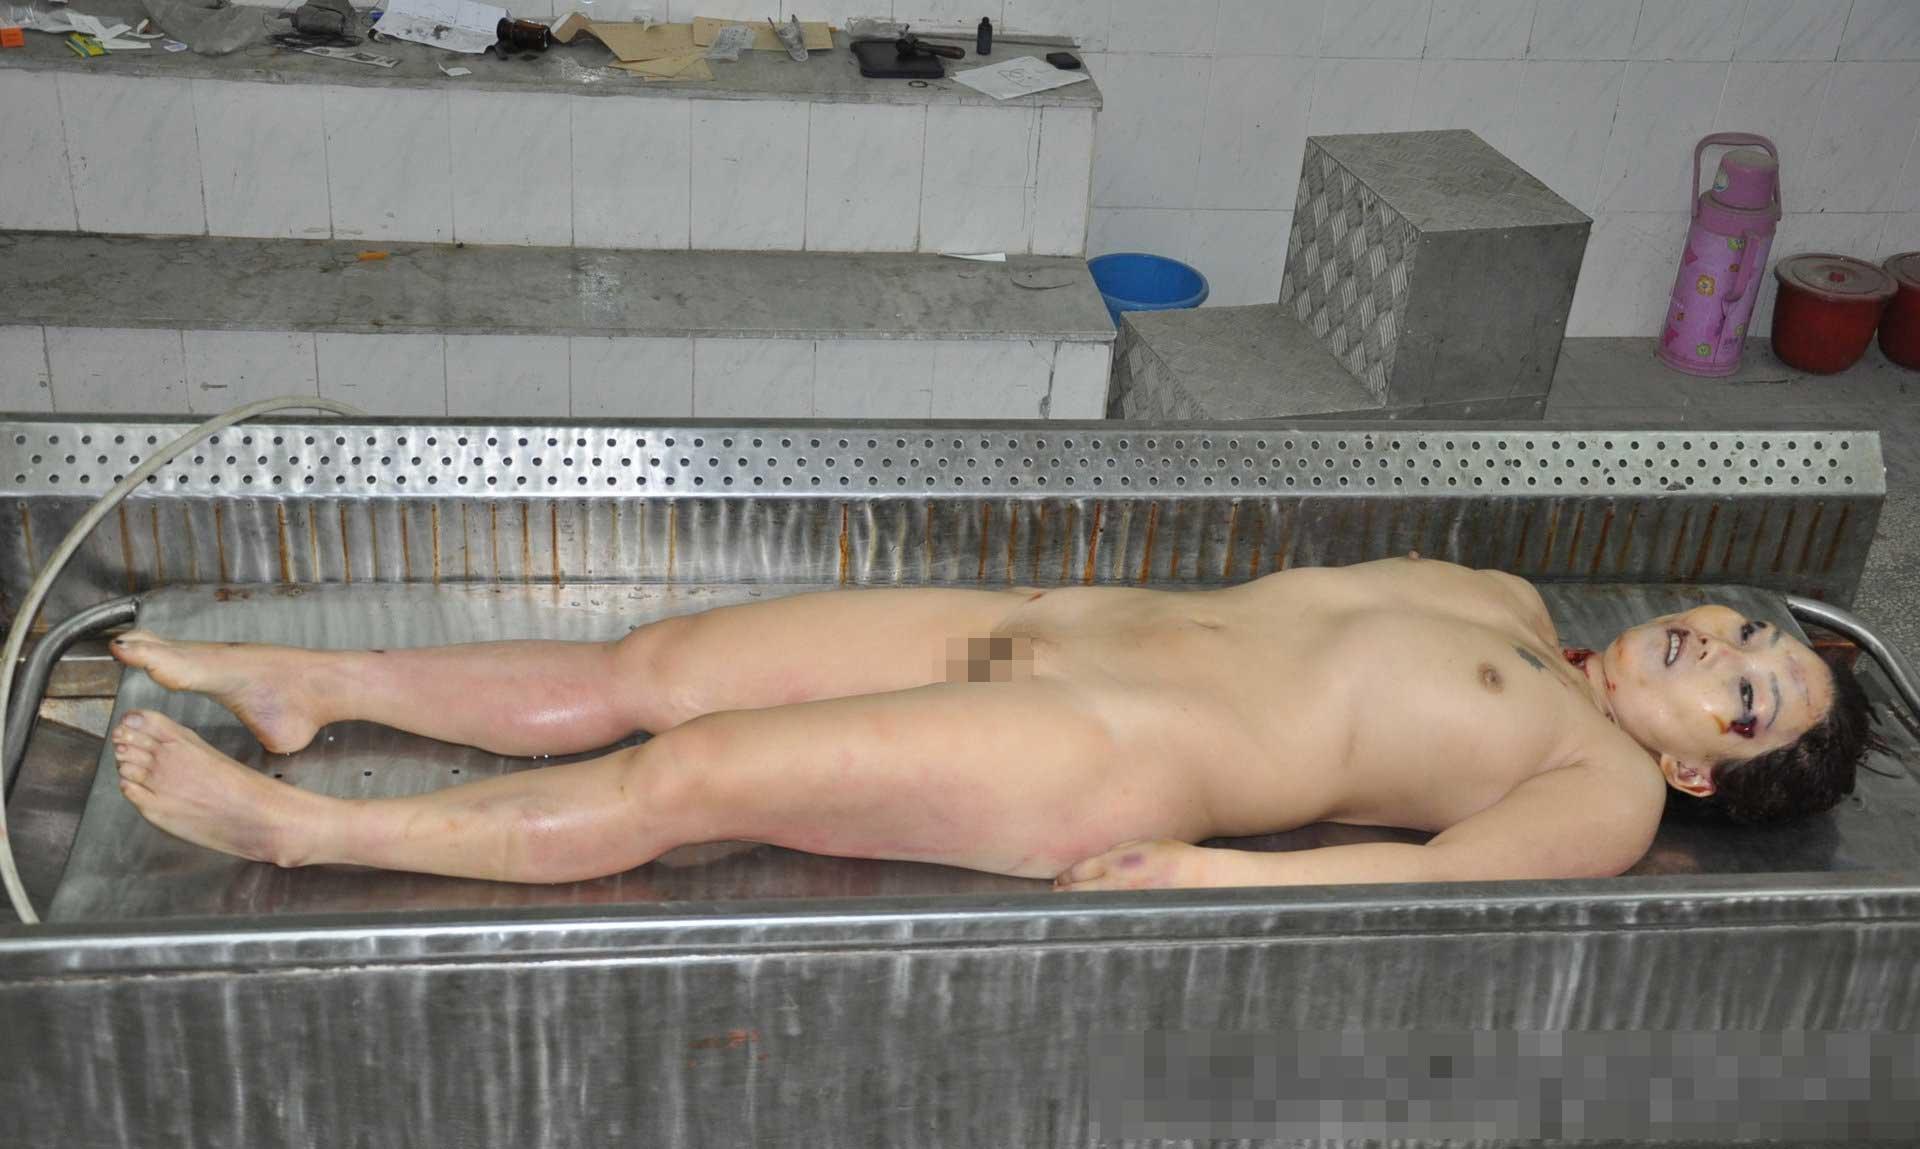 女の子全裸解剖グロ画像